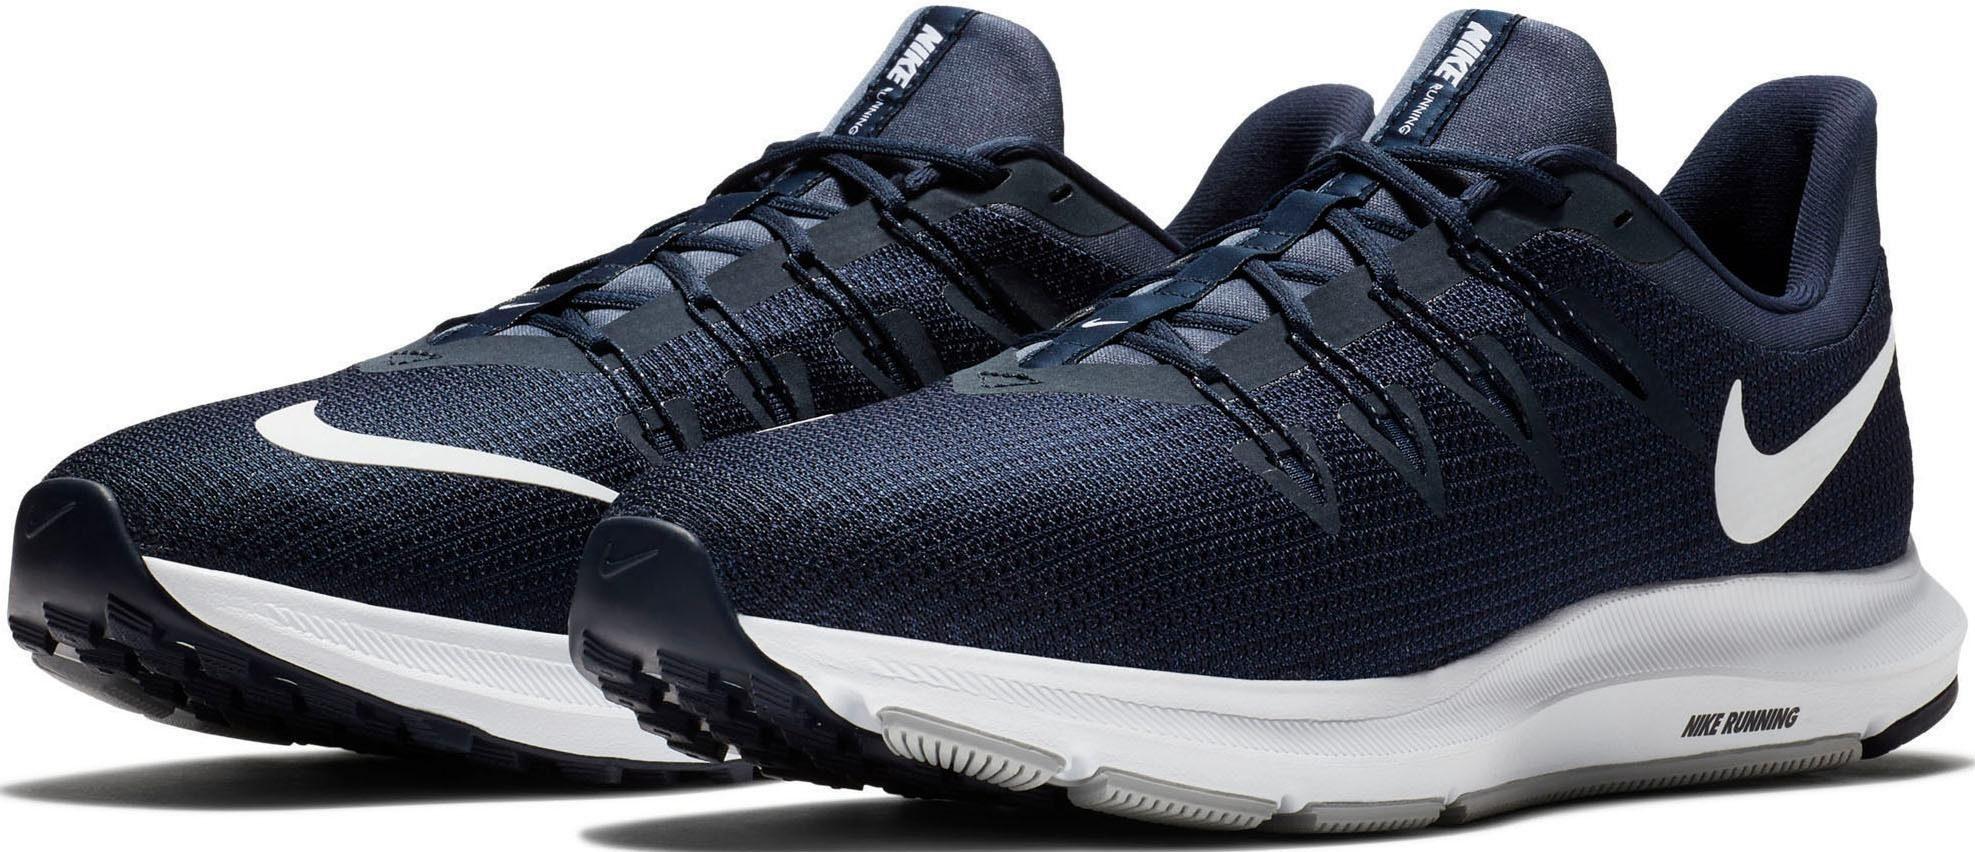 Fallen Nike Schuhe zu groß oder zu klein aus?